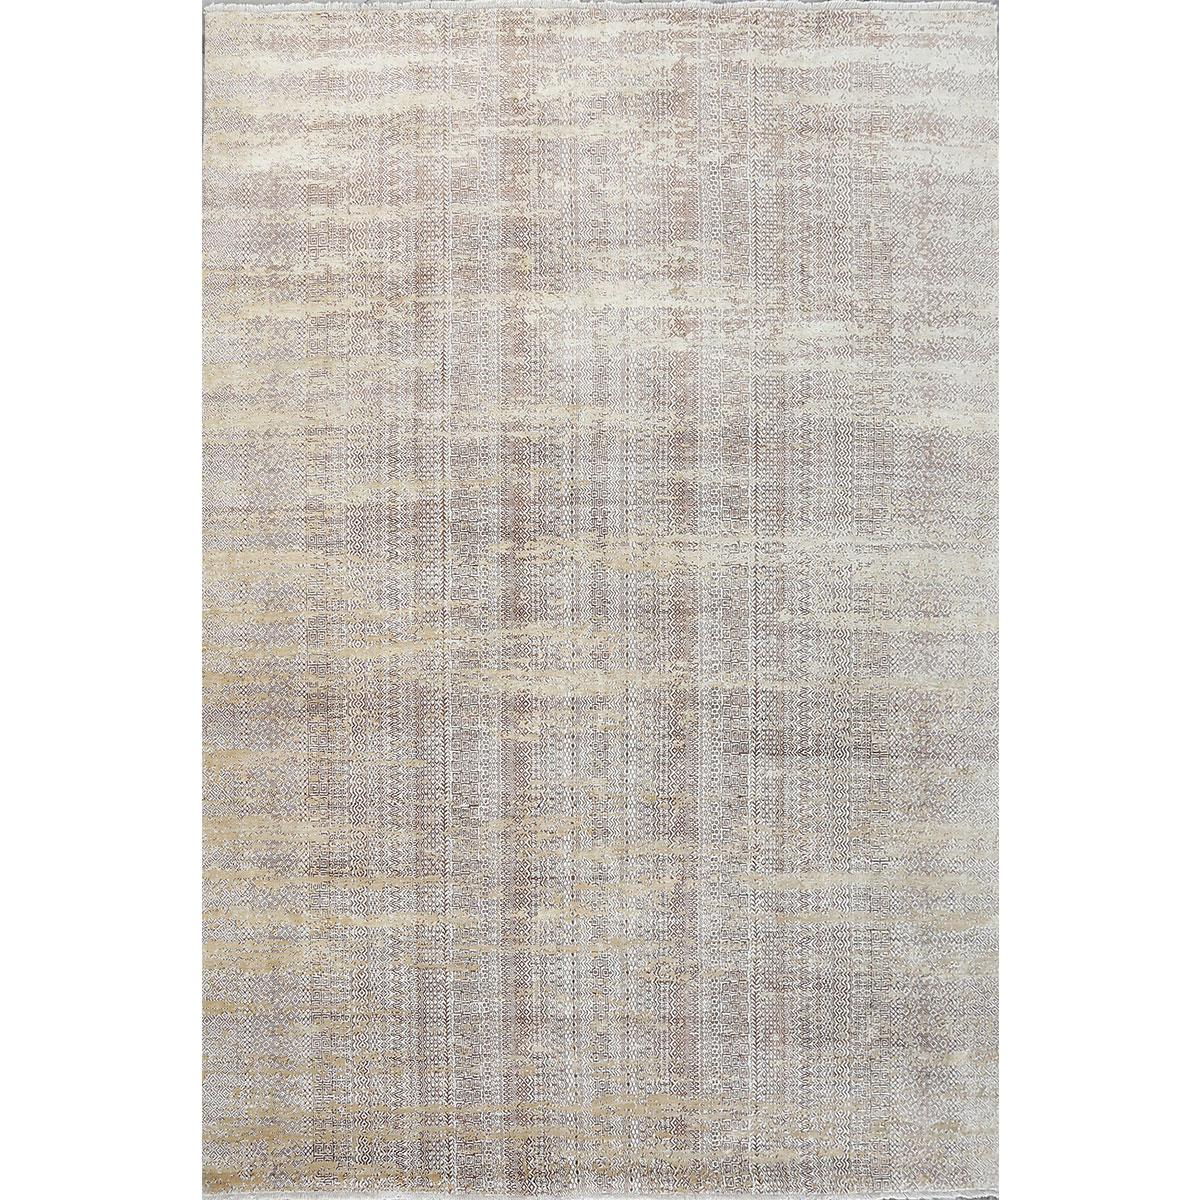 fujisan_wool-silk_hand-knotted_patterson-flynn-martin_pfm